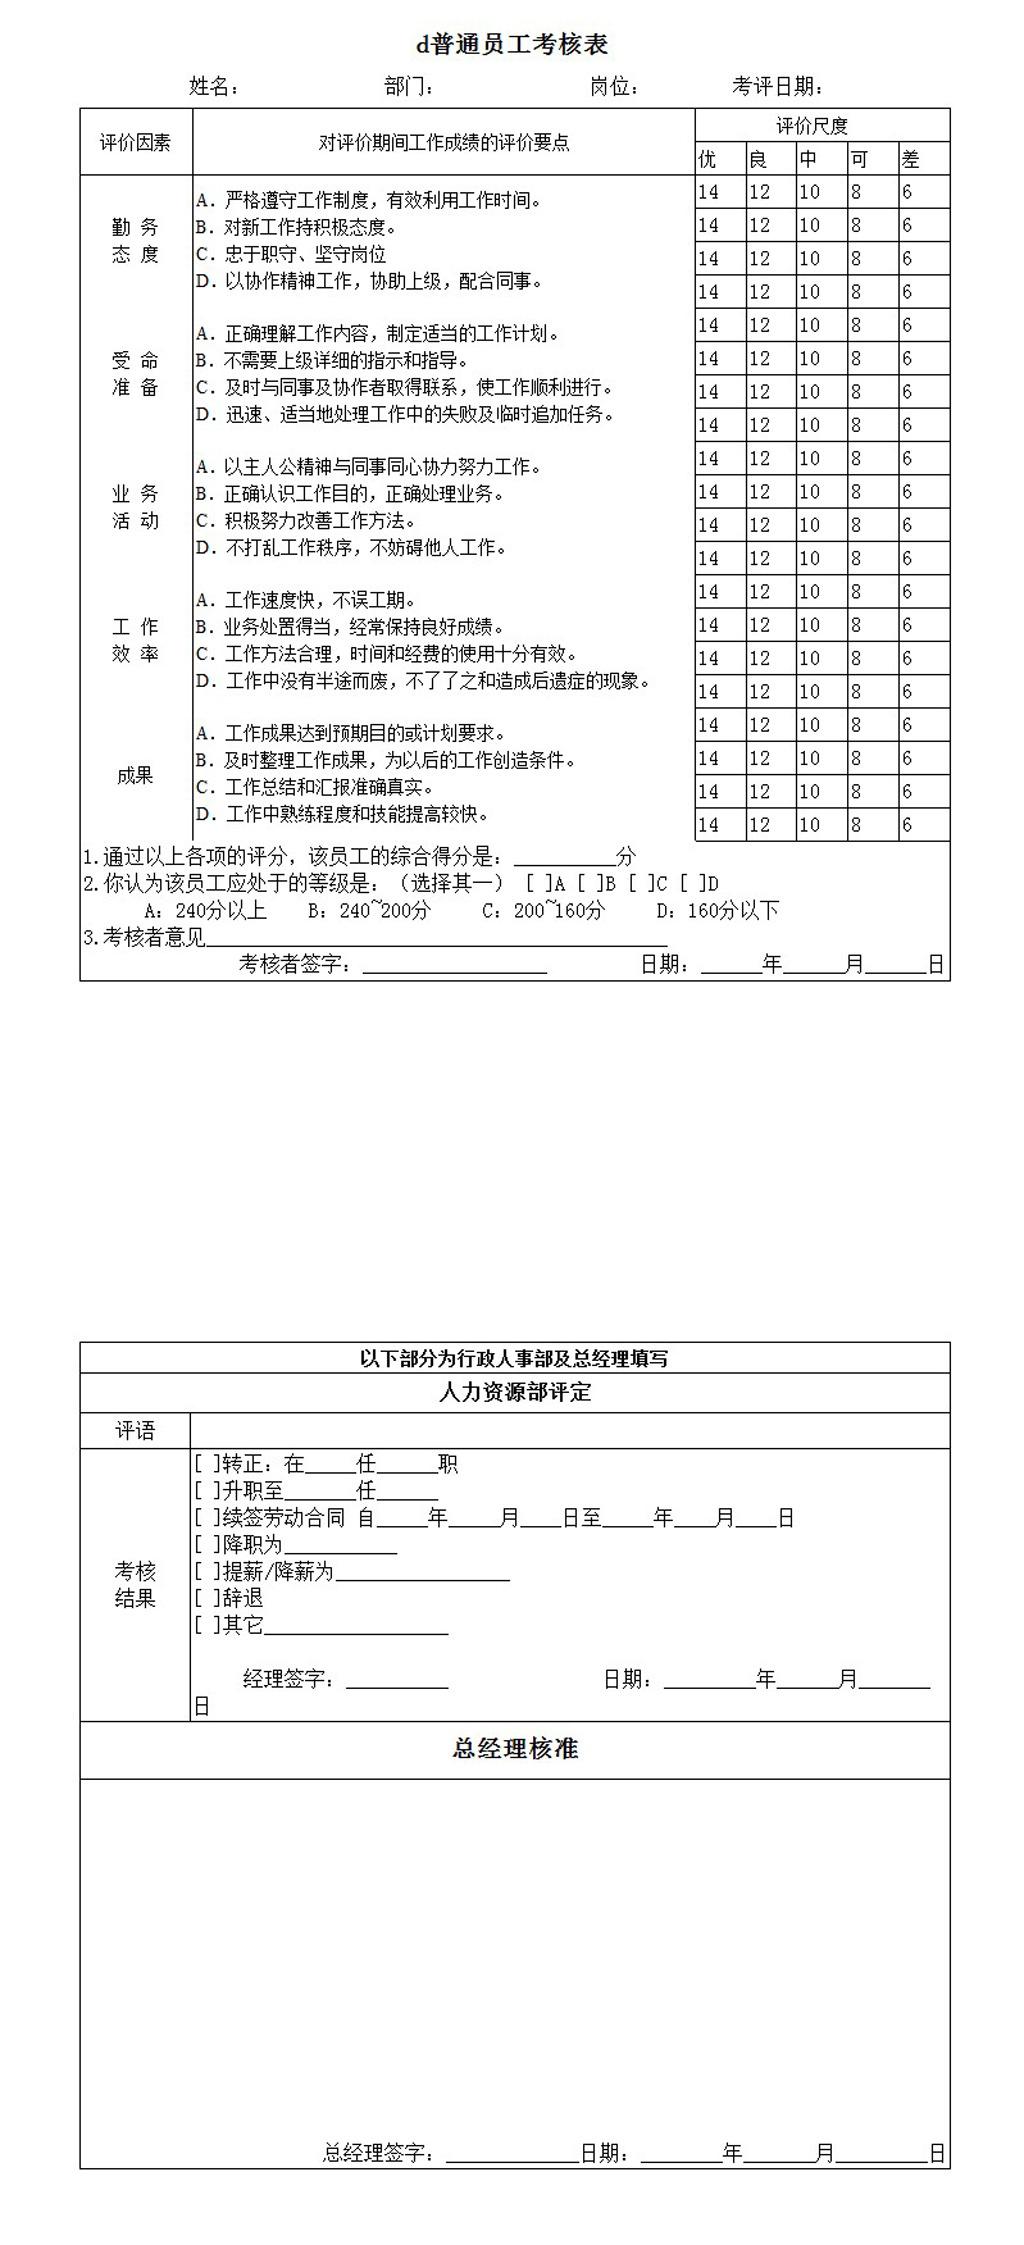 办公|ppt模板 word模板 应用文书 > 普通员工考核表word模板下载  下